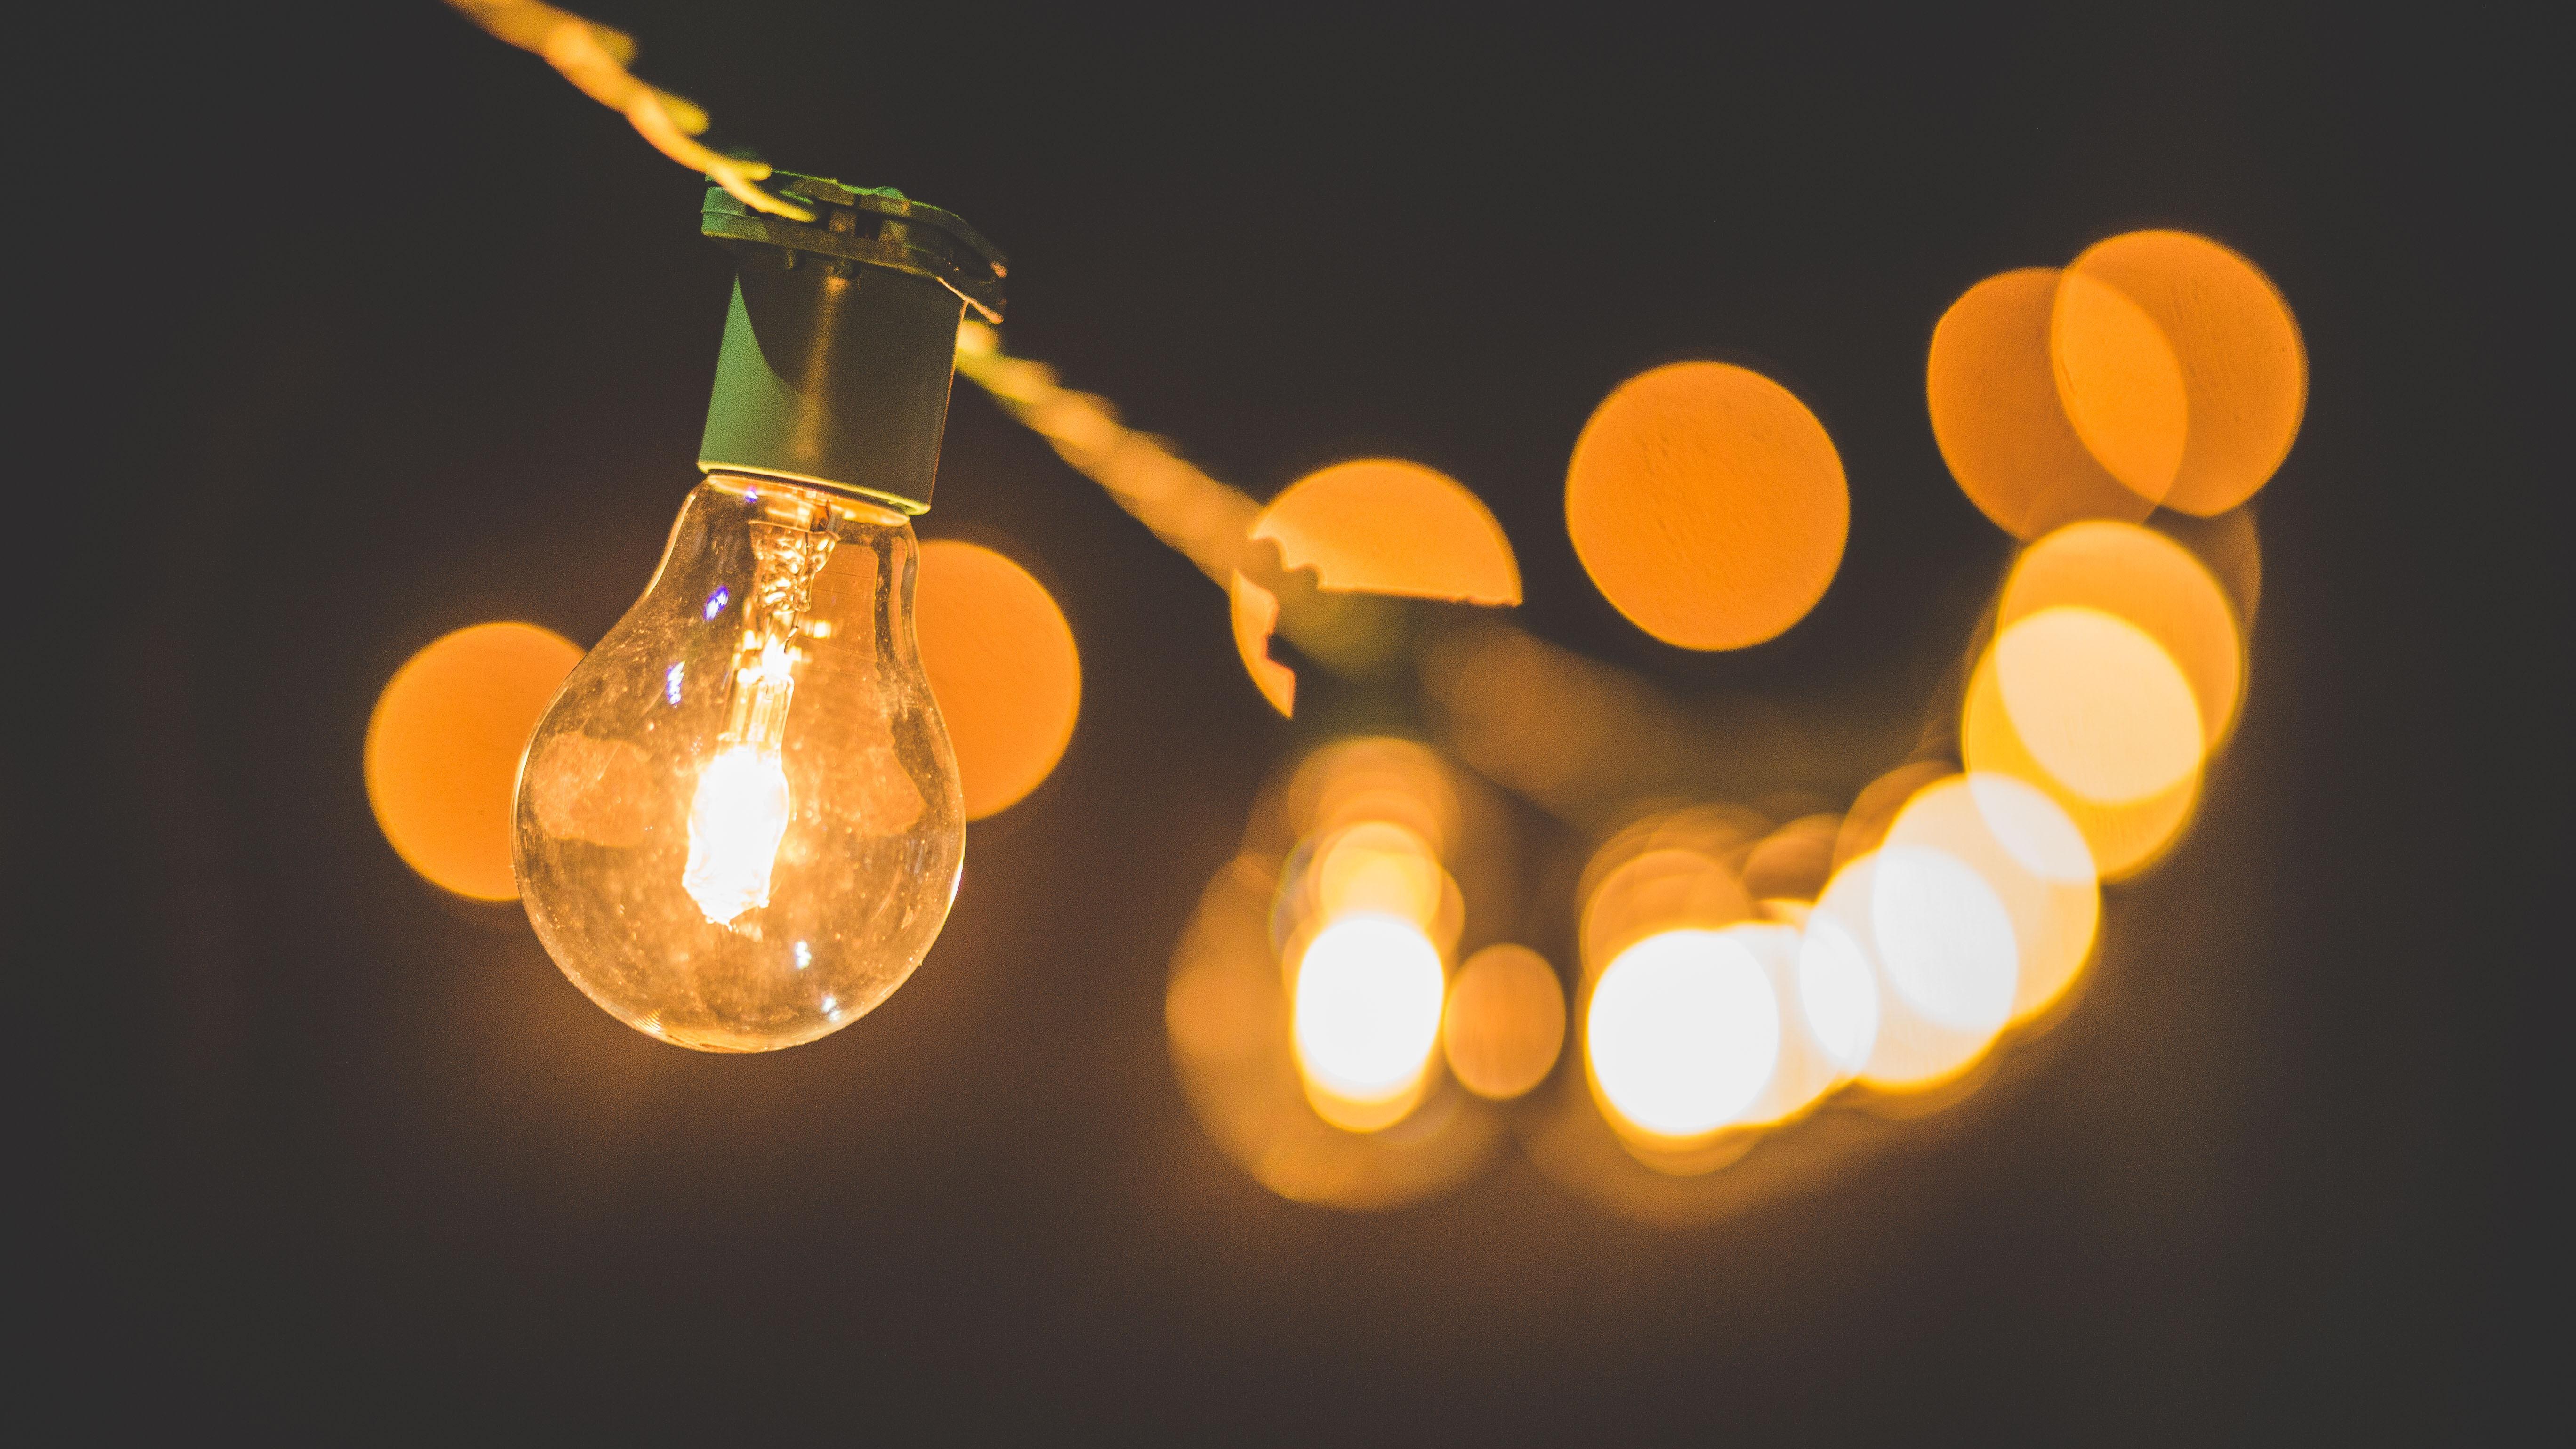 Don't be afraid of the dark - Light bulbs